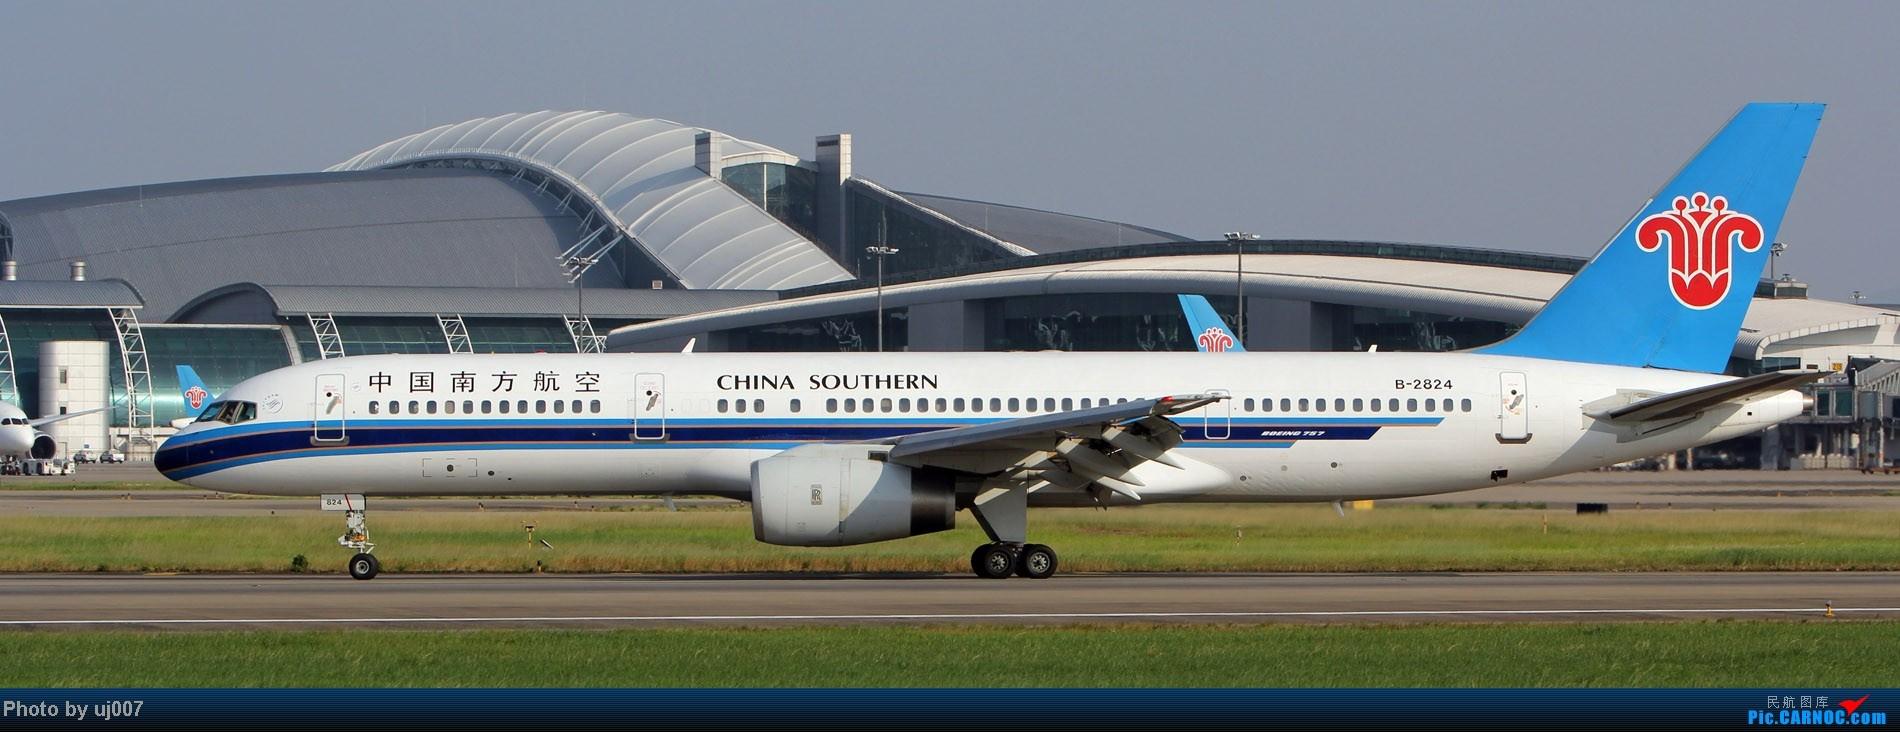 Re:[原创]10月2日白云拍机,超级多图系列(大飞机,特别妆,外航,闪灯,擦烟)求指点. BOEING 757-200 B-2824 中国广州白云机场